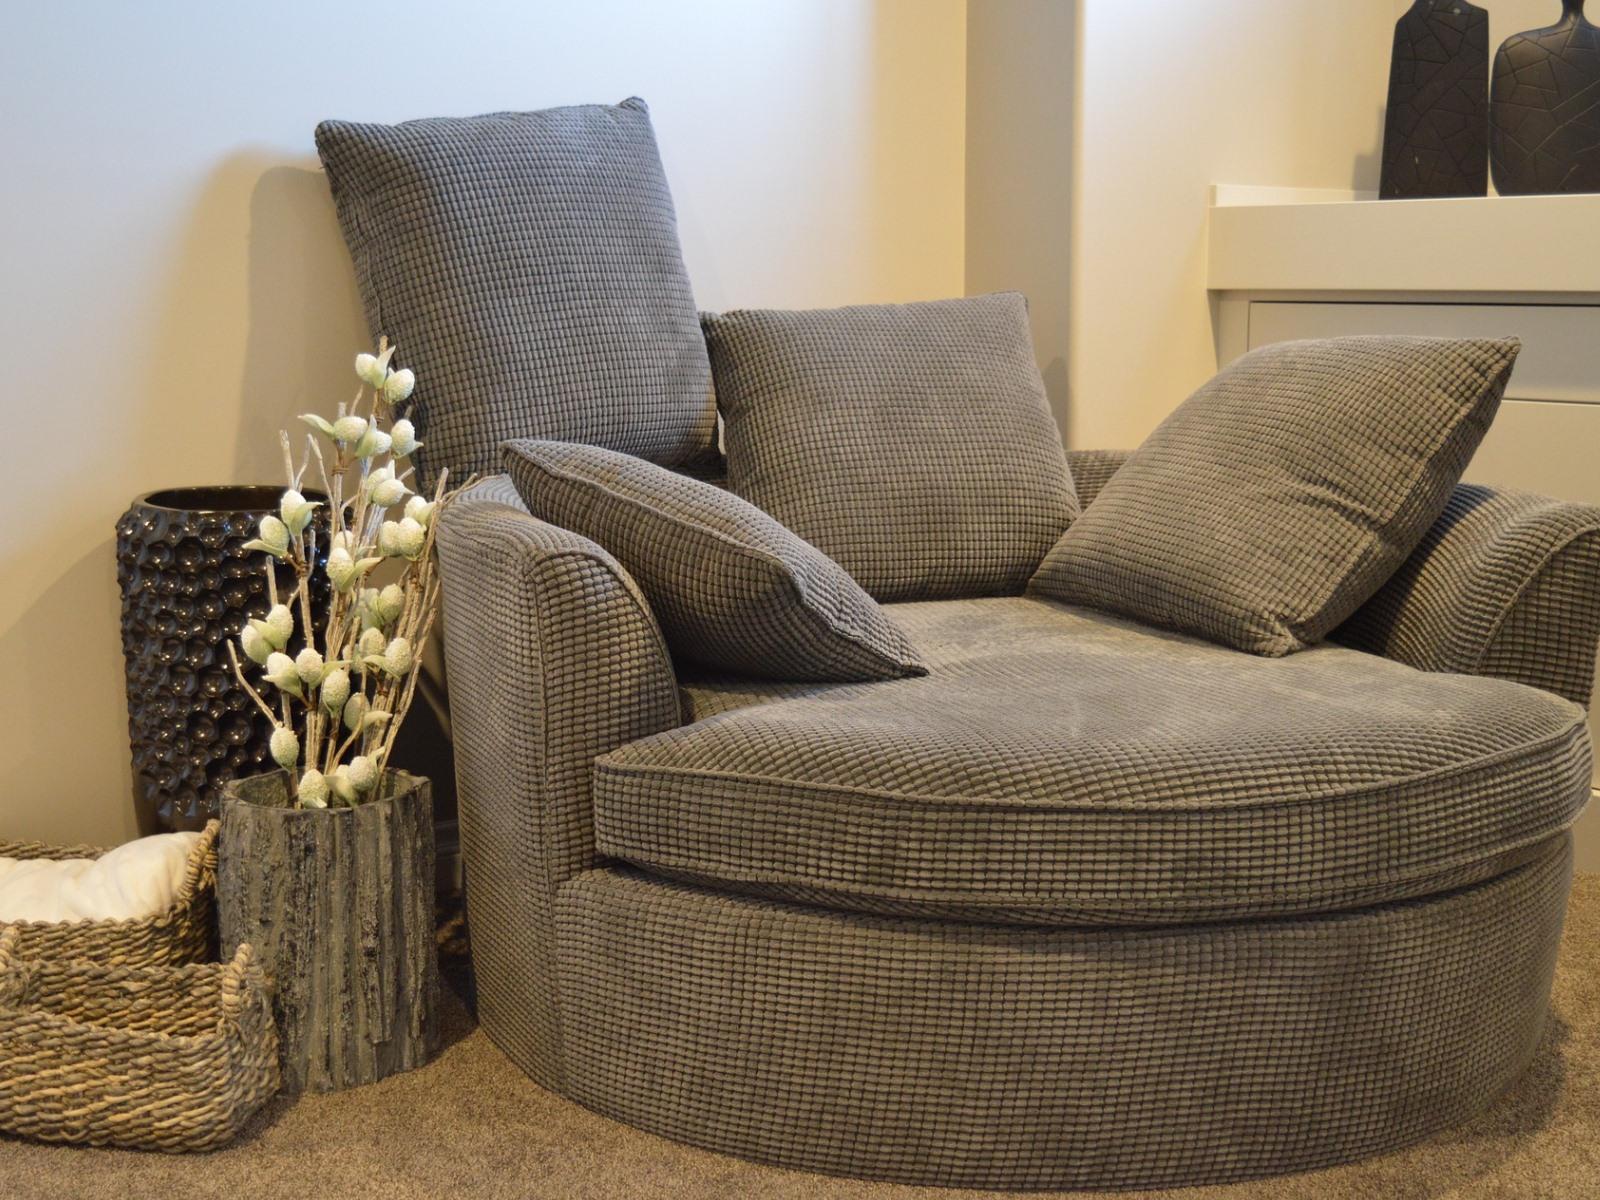 gegenst nde zu verschenken. Black Bedroom Furniture Sets. Home Design Ideas